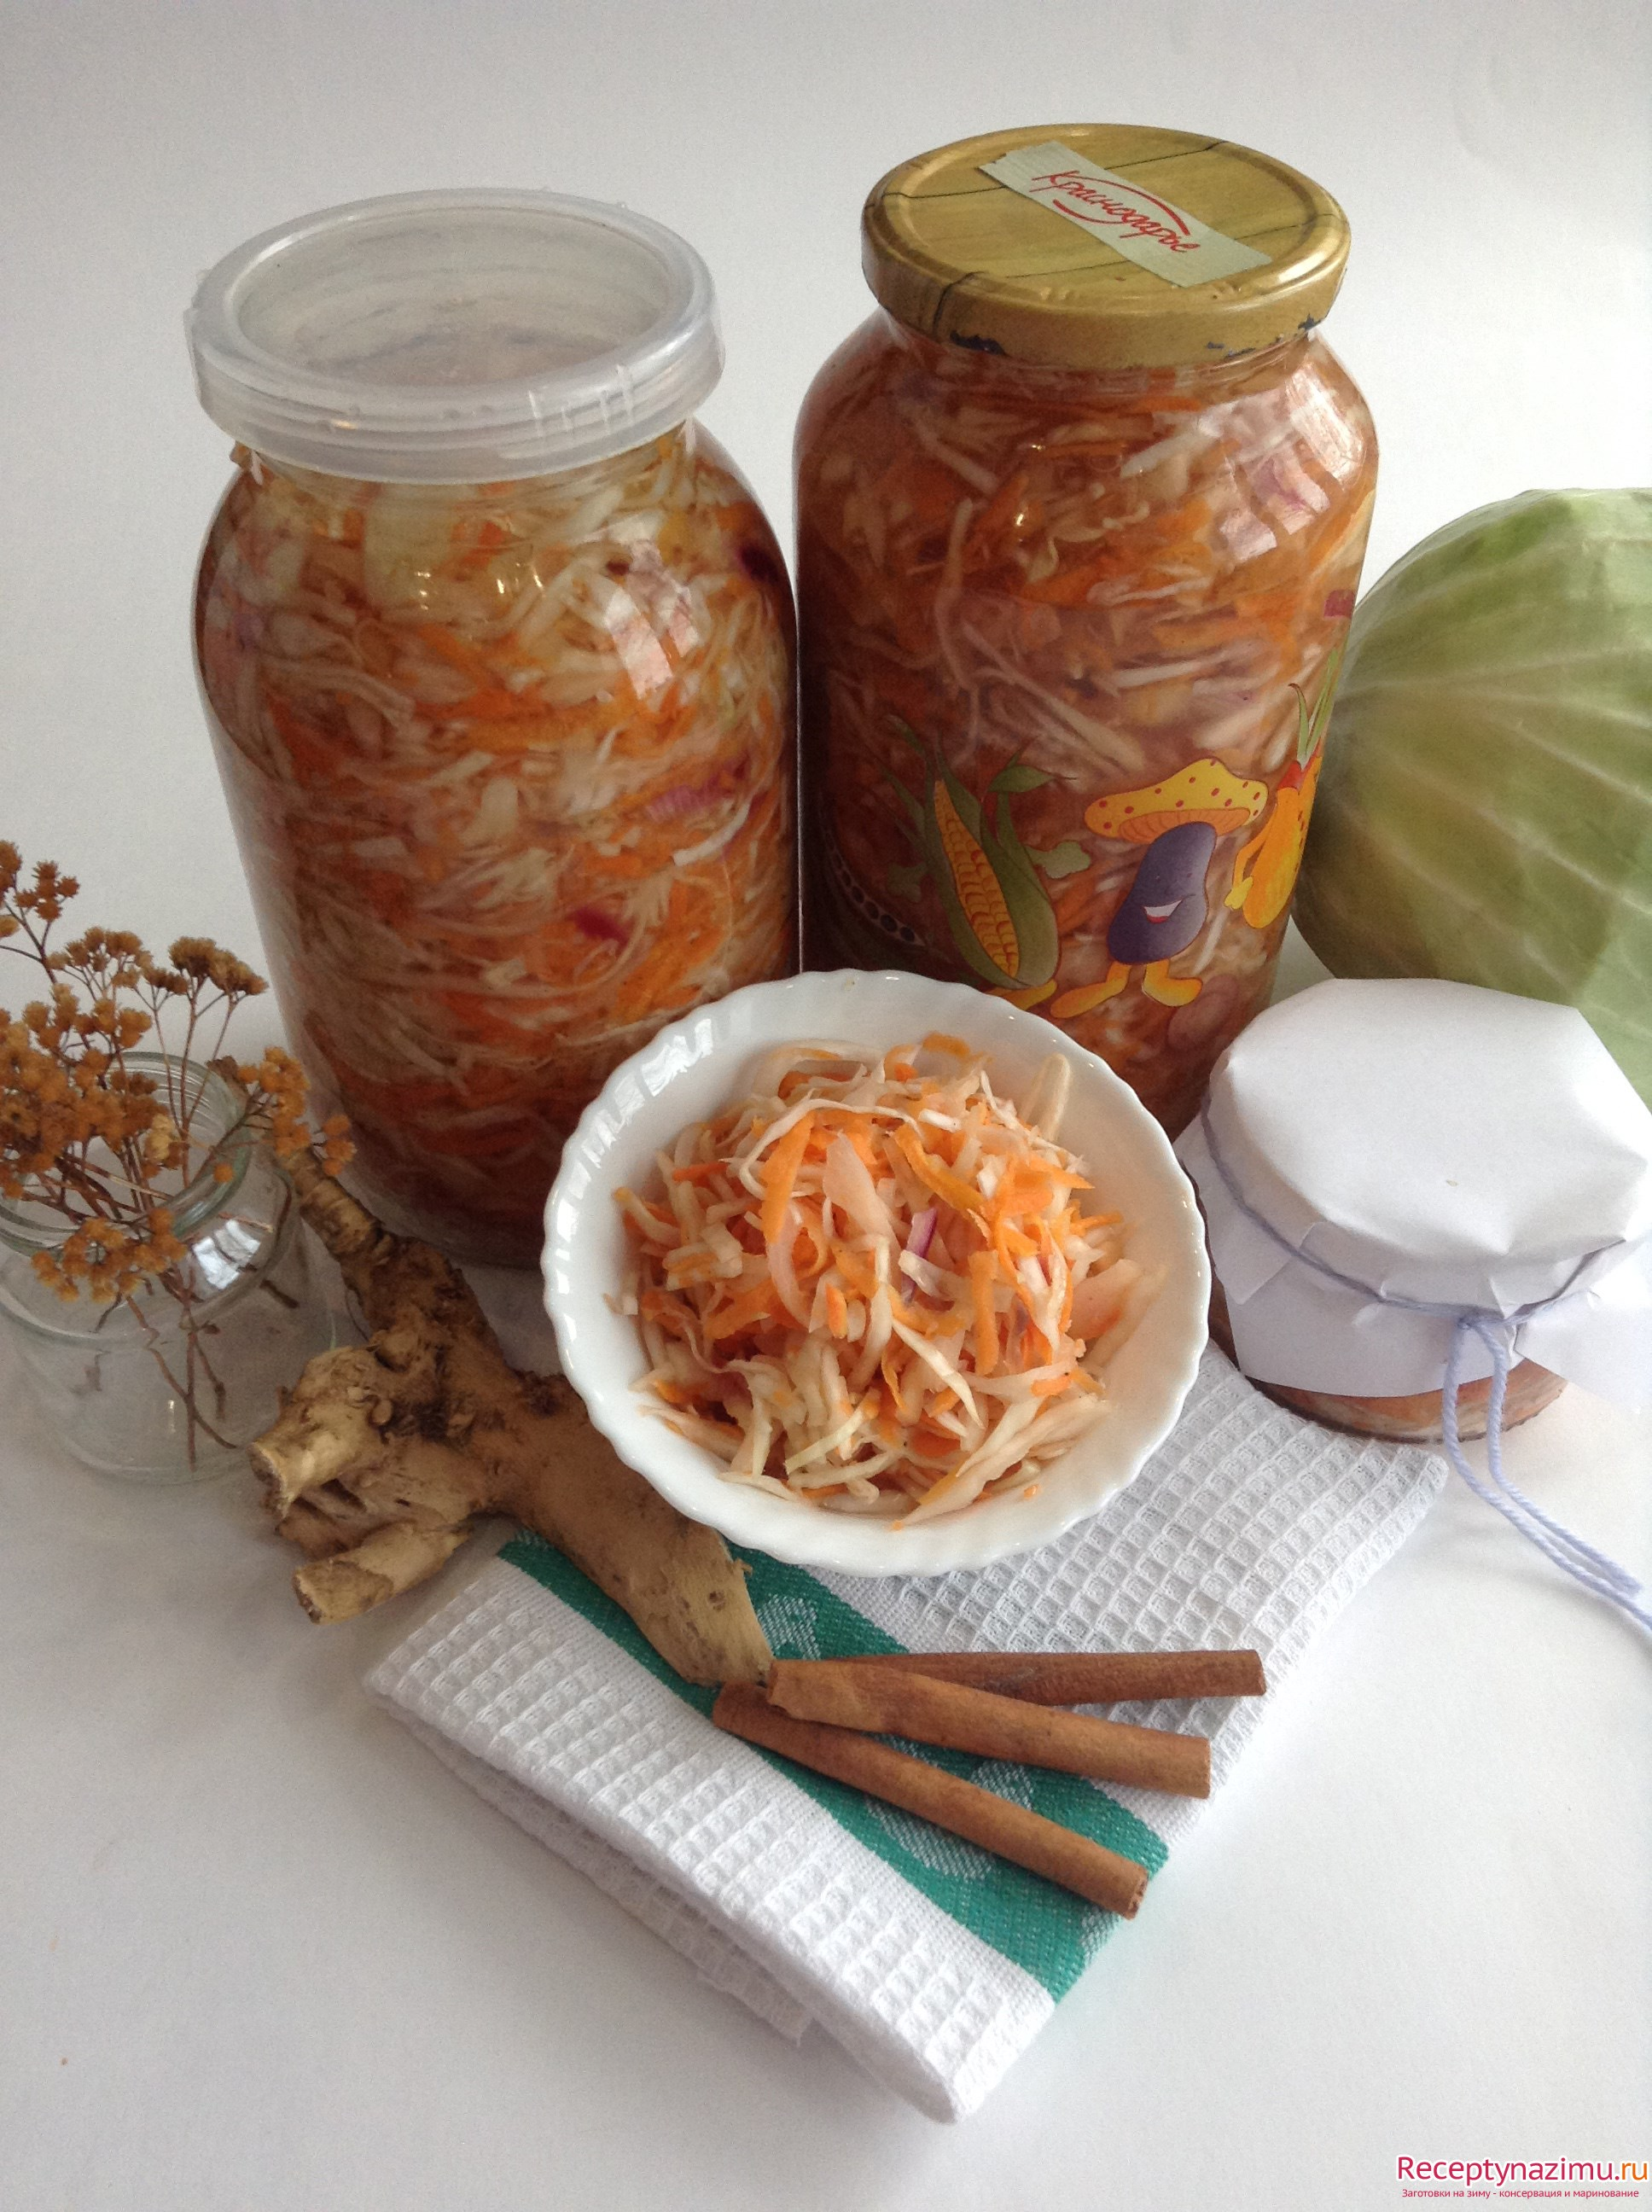 Рецепты приготовления хрена на зиму в домашних условиях